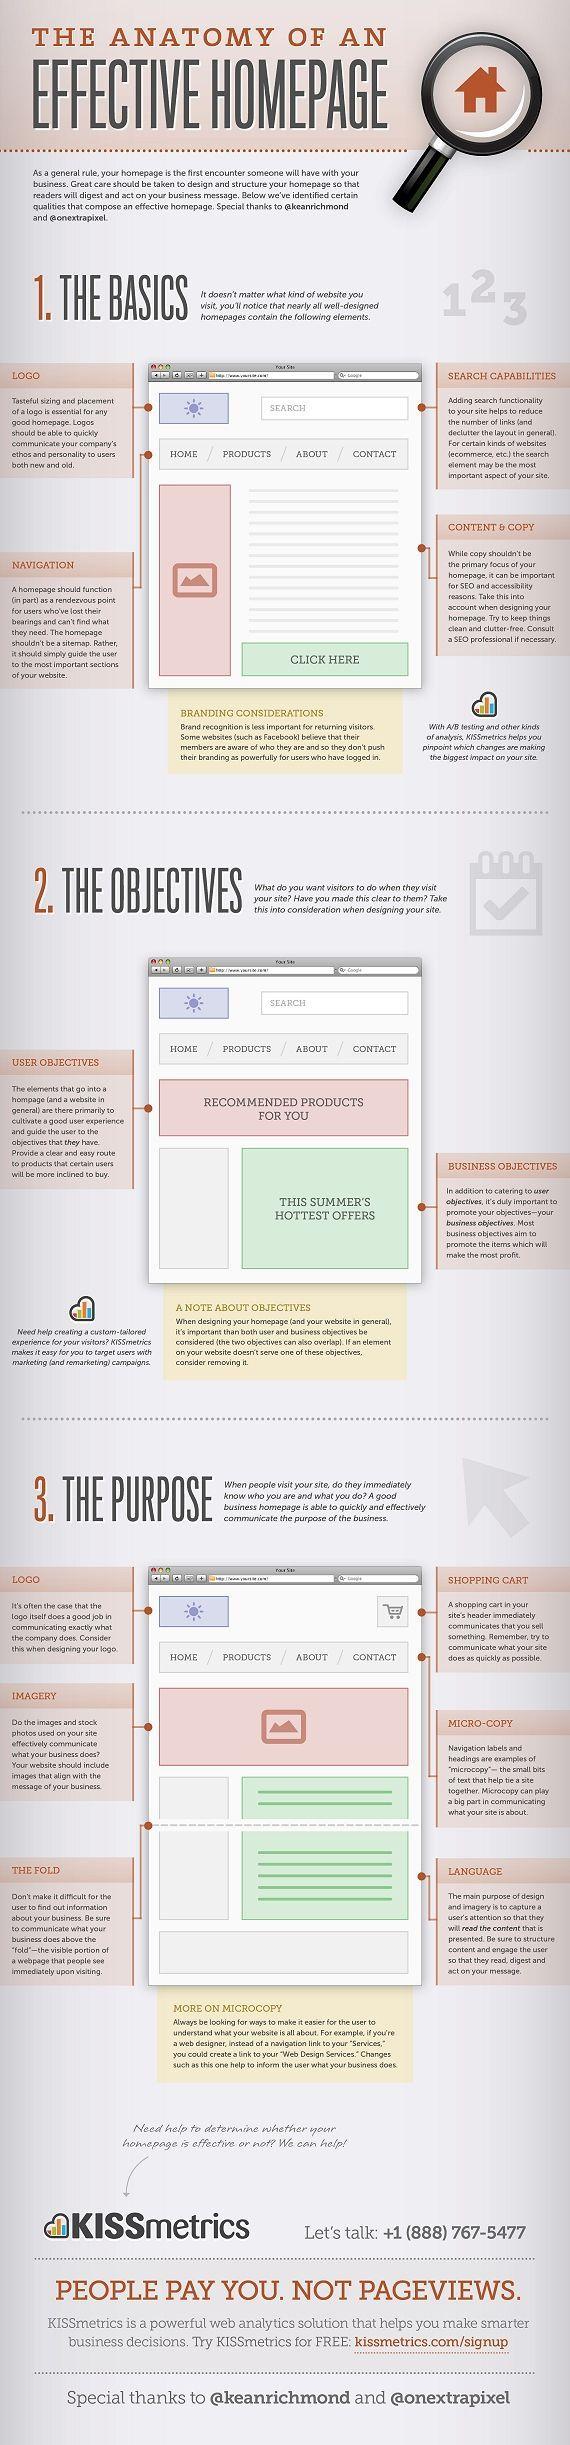 Un sitio web hoy en día debe tener unas características mínimas, para que sobresalga de los demás y una cosa importante es como presentas tu homepage. Por suerte ahora tenemos una infografía, que nos cuenta precisamente la anatomía que una ... Leer más